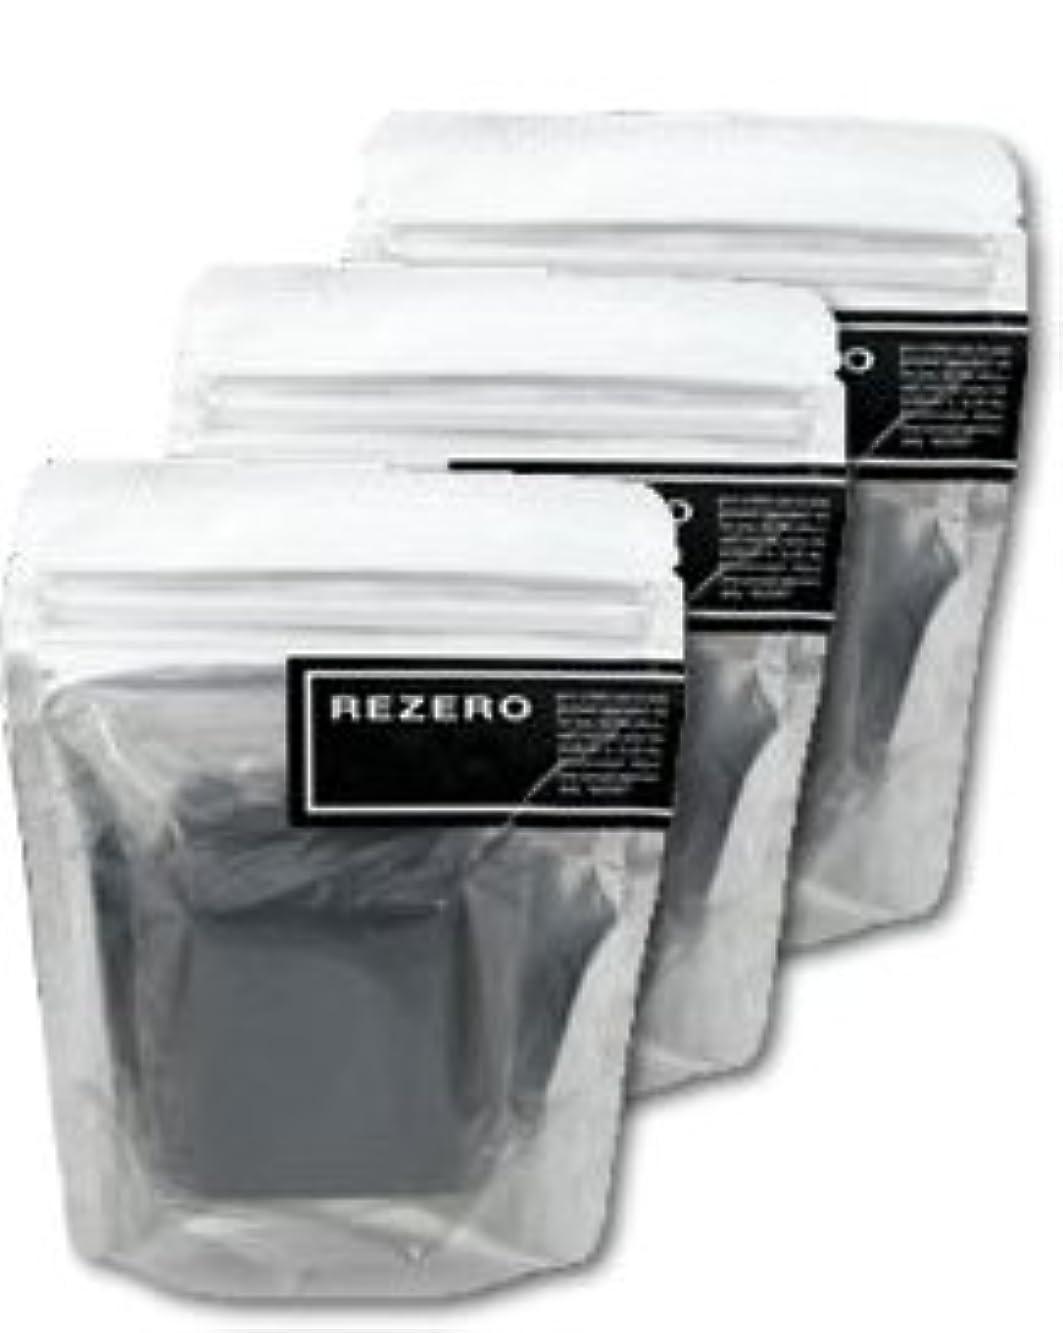 ポジティブミルクカスケードリゼロ プレミアム柿炭ソープ 90g×3個セット